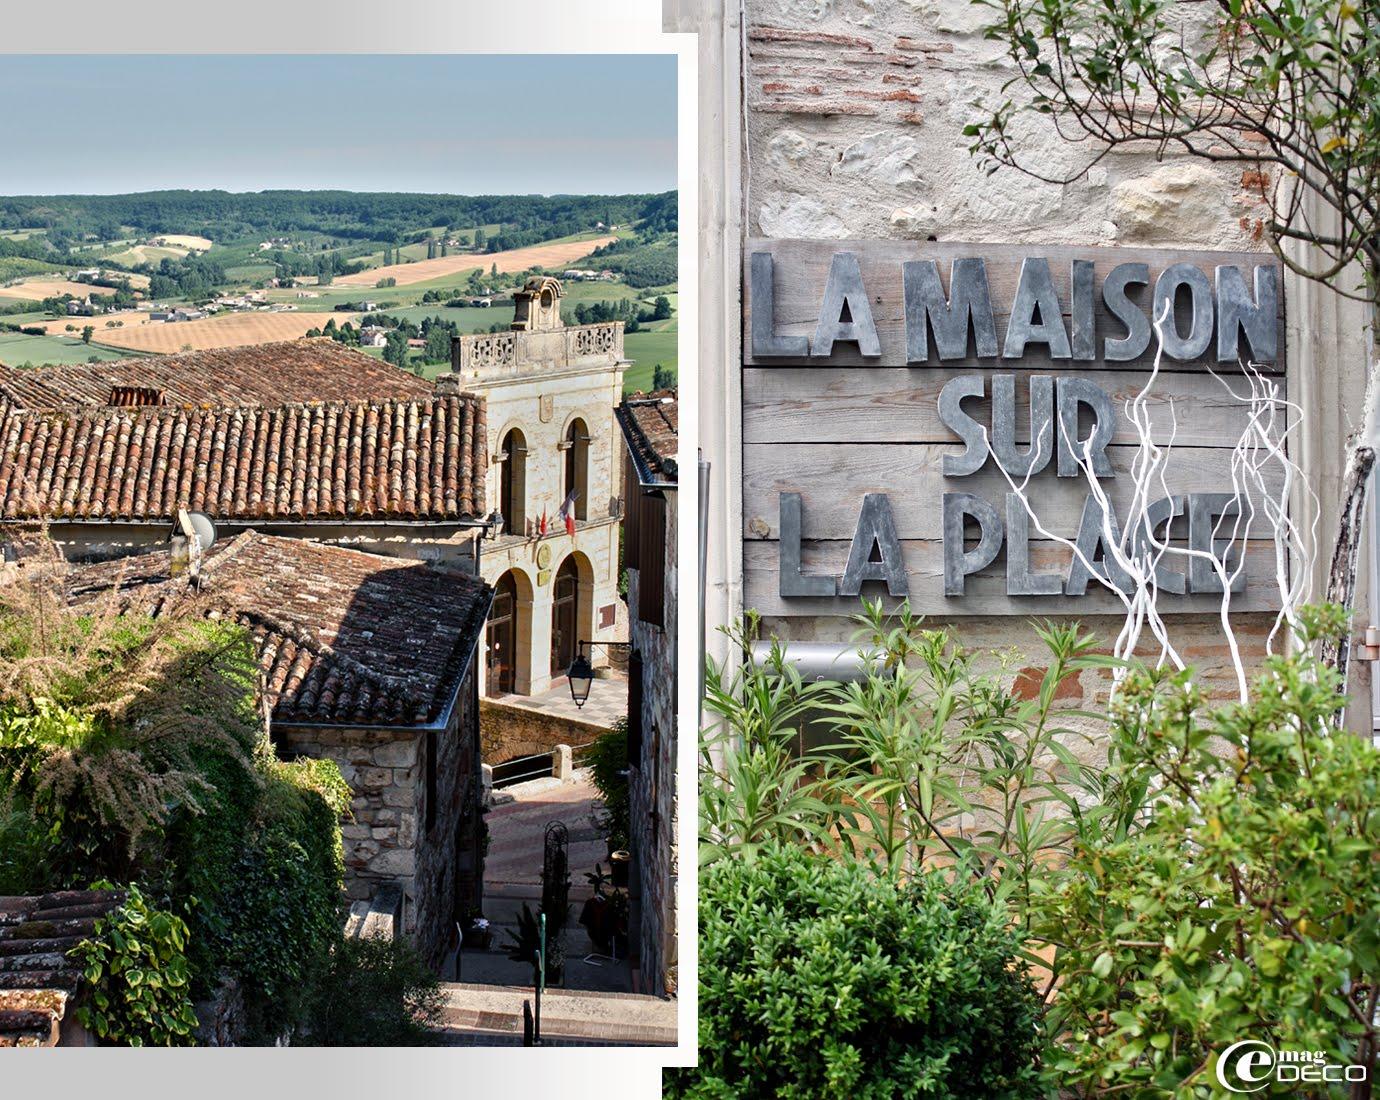 Le village de Penne-d'Agenais avec vue sur la vallée, enseigne à l'entrée du restaurant de Geneviève Cazottes : 'La Maison sur la Place'